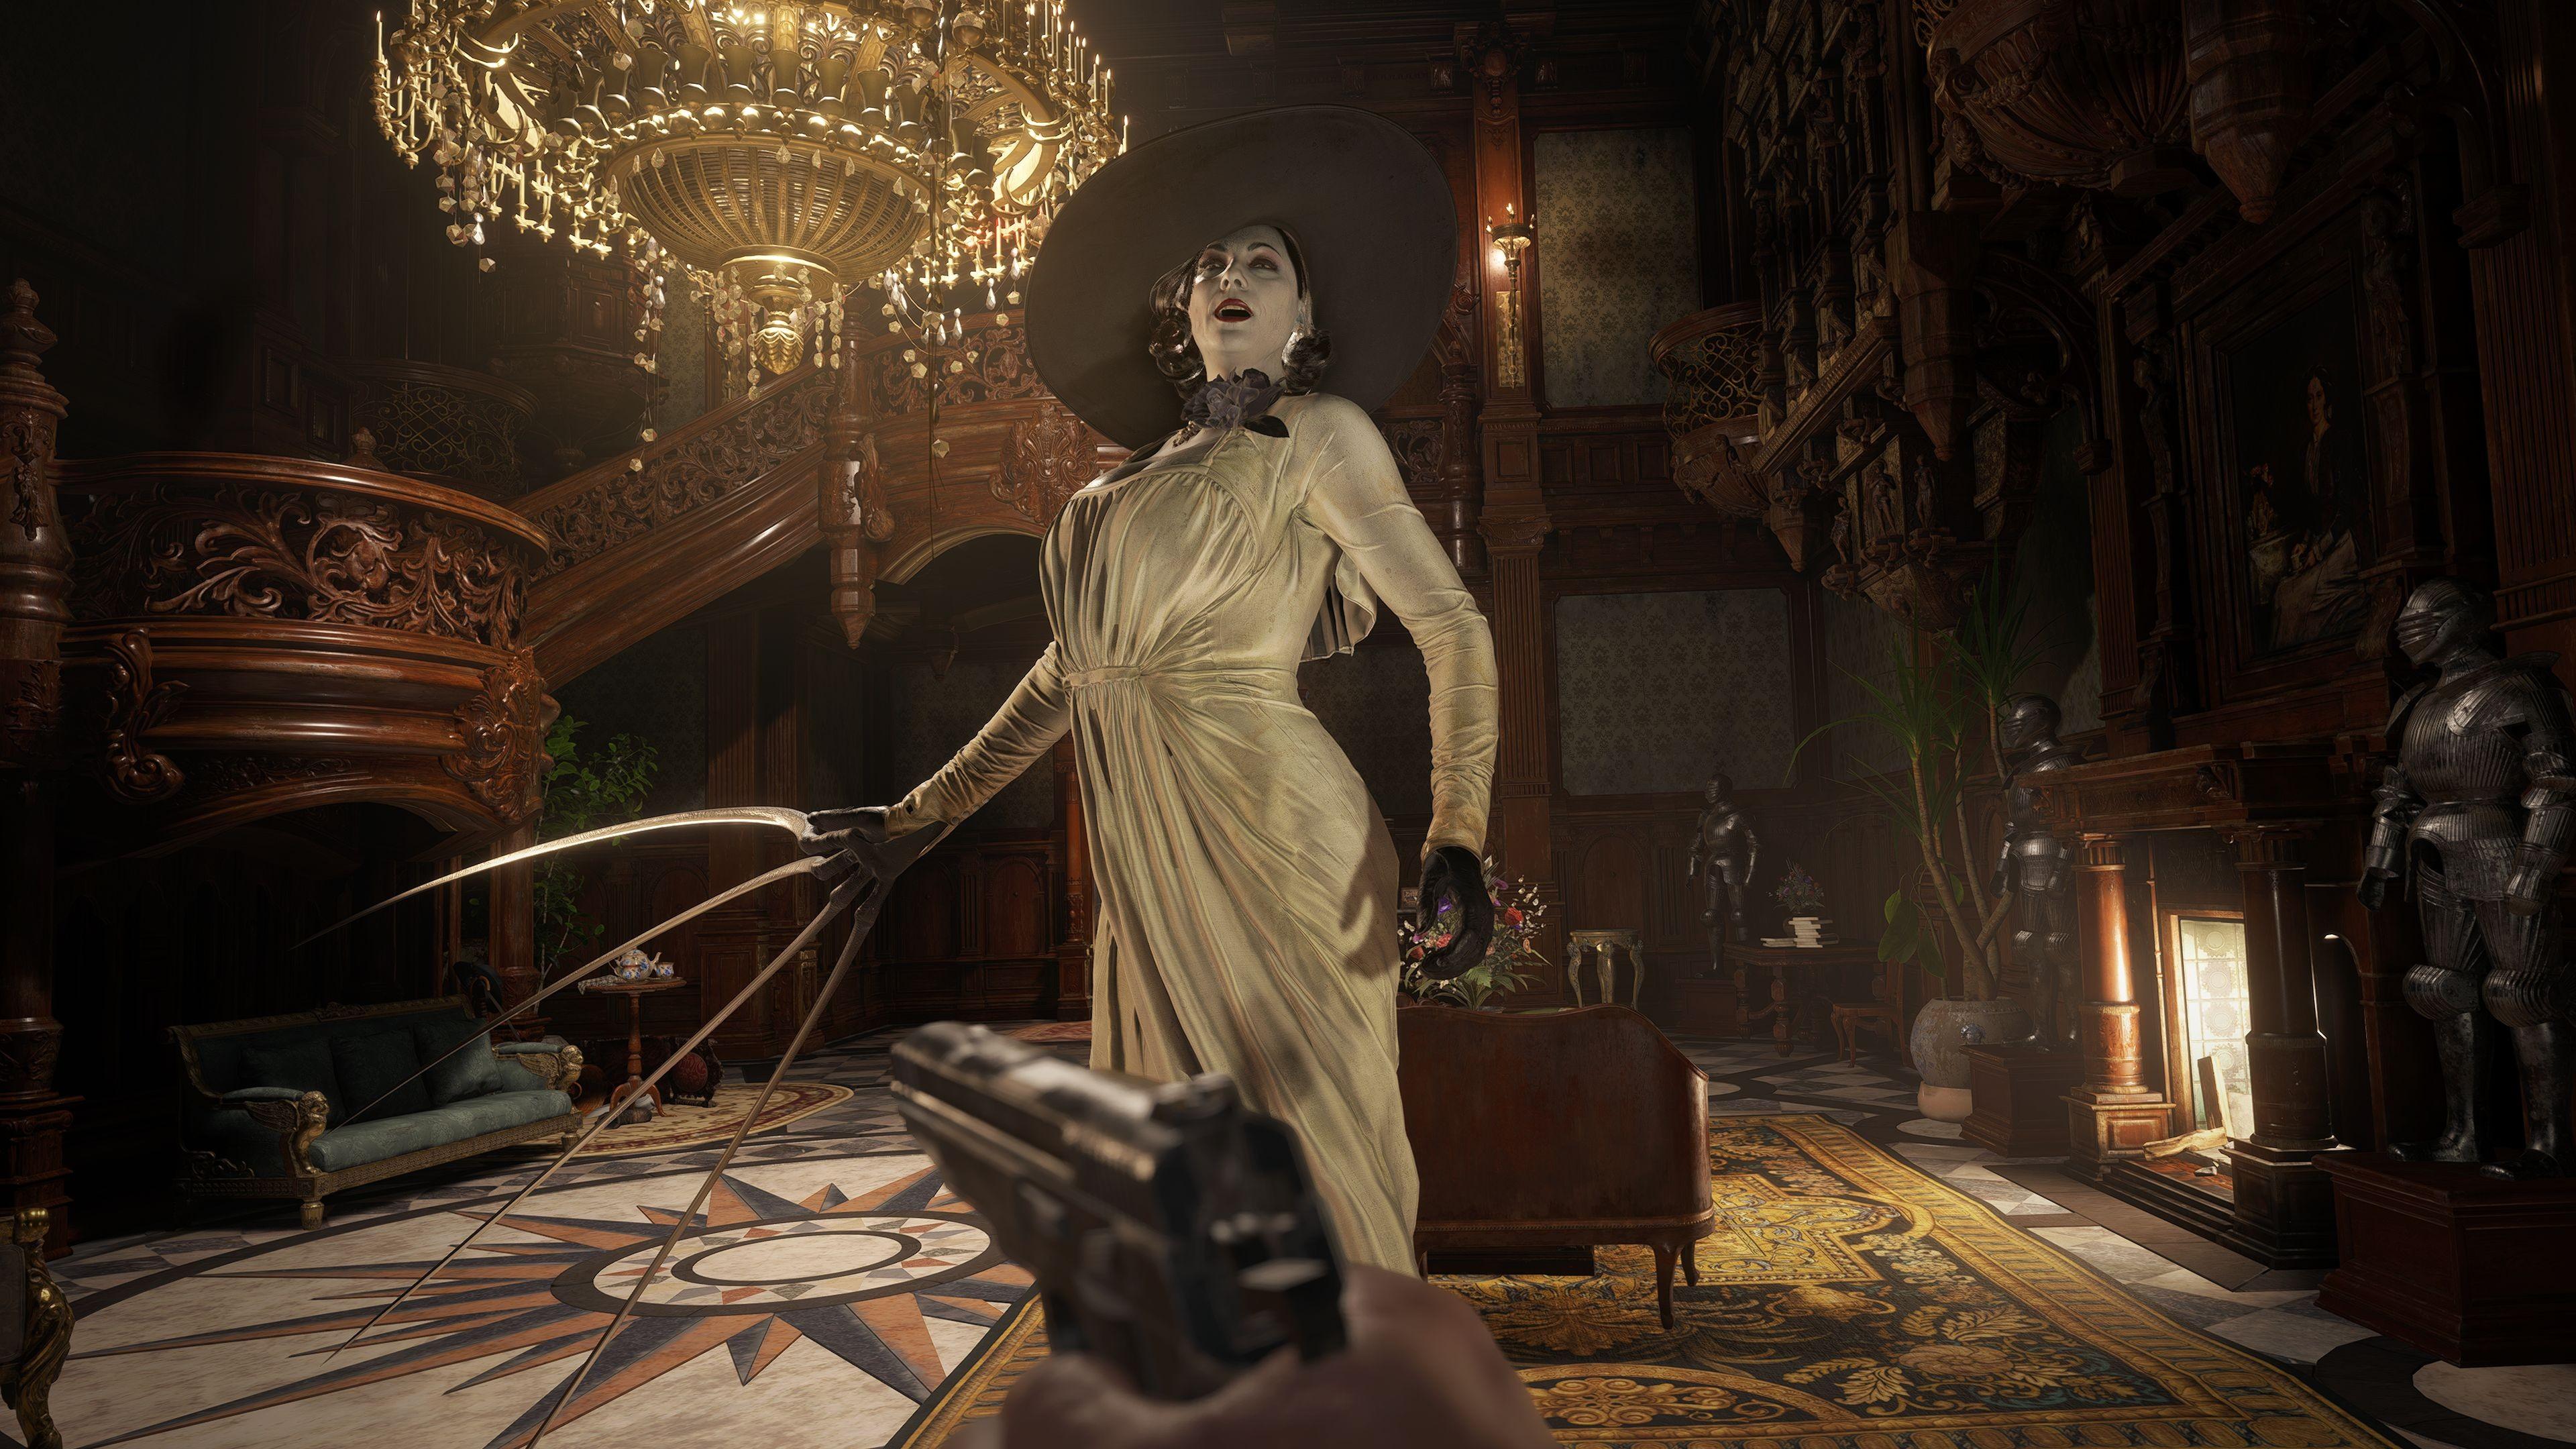 Resident Evil Village DLC Should Let Us Play as Lady Dimitrescu